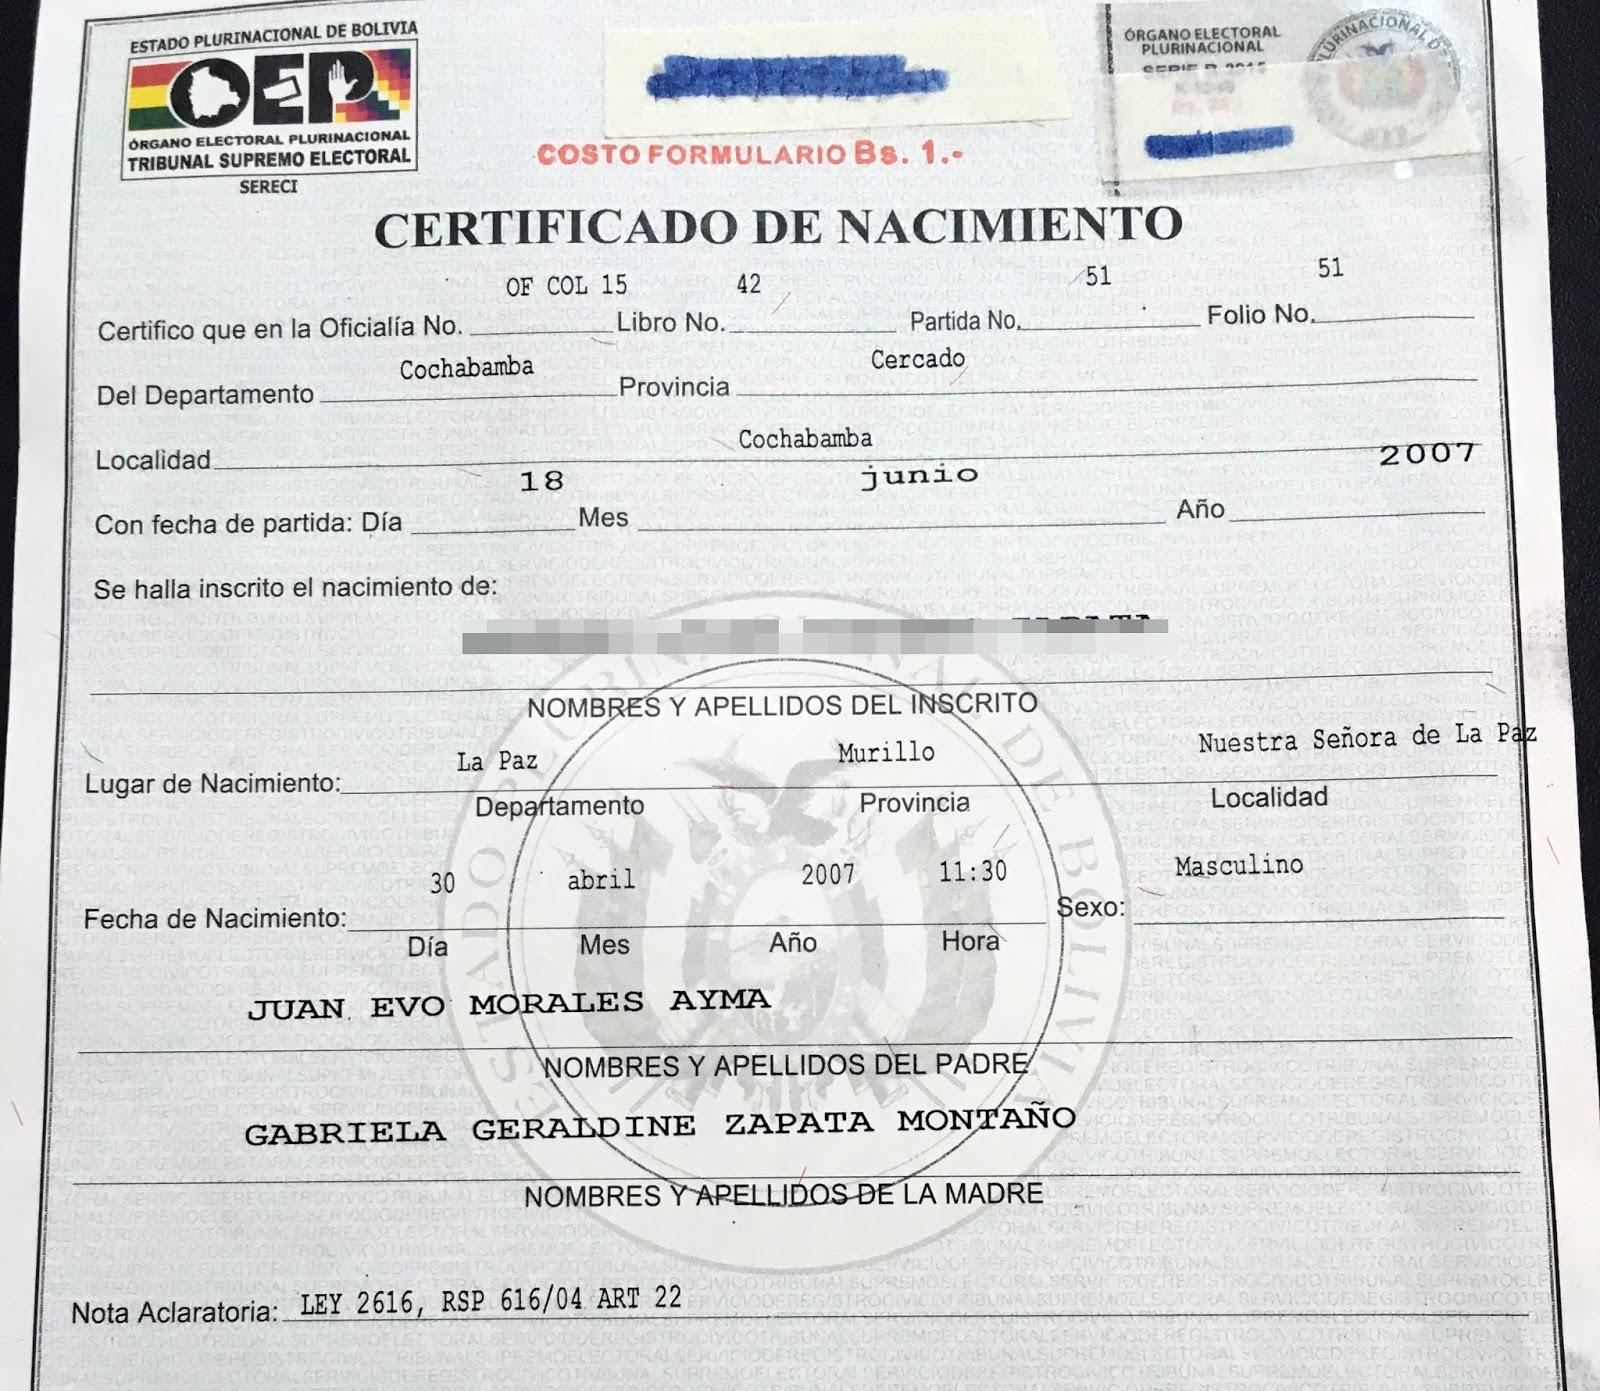 Lujoso Solicitan Un Certificado De Nacimiento Foto - Certificado ...